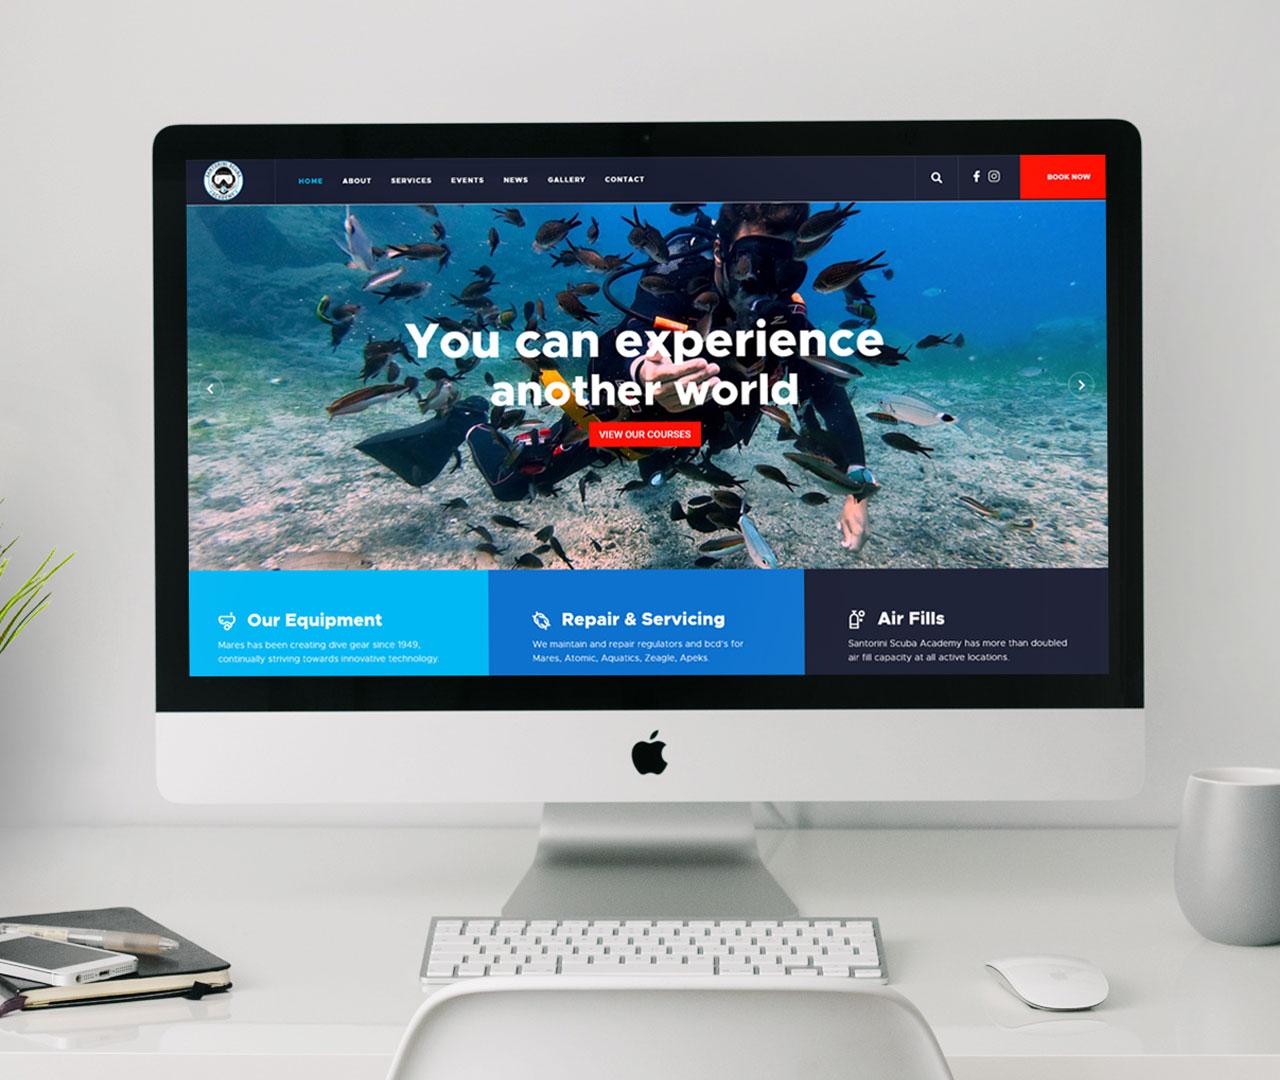 Santorini Scuba Academy Website